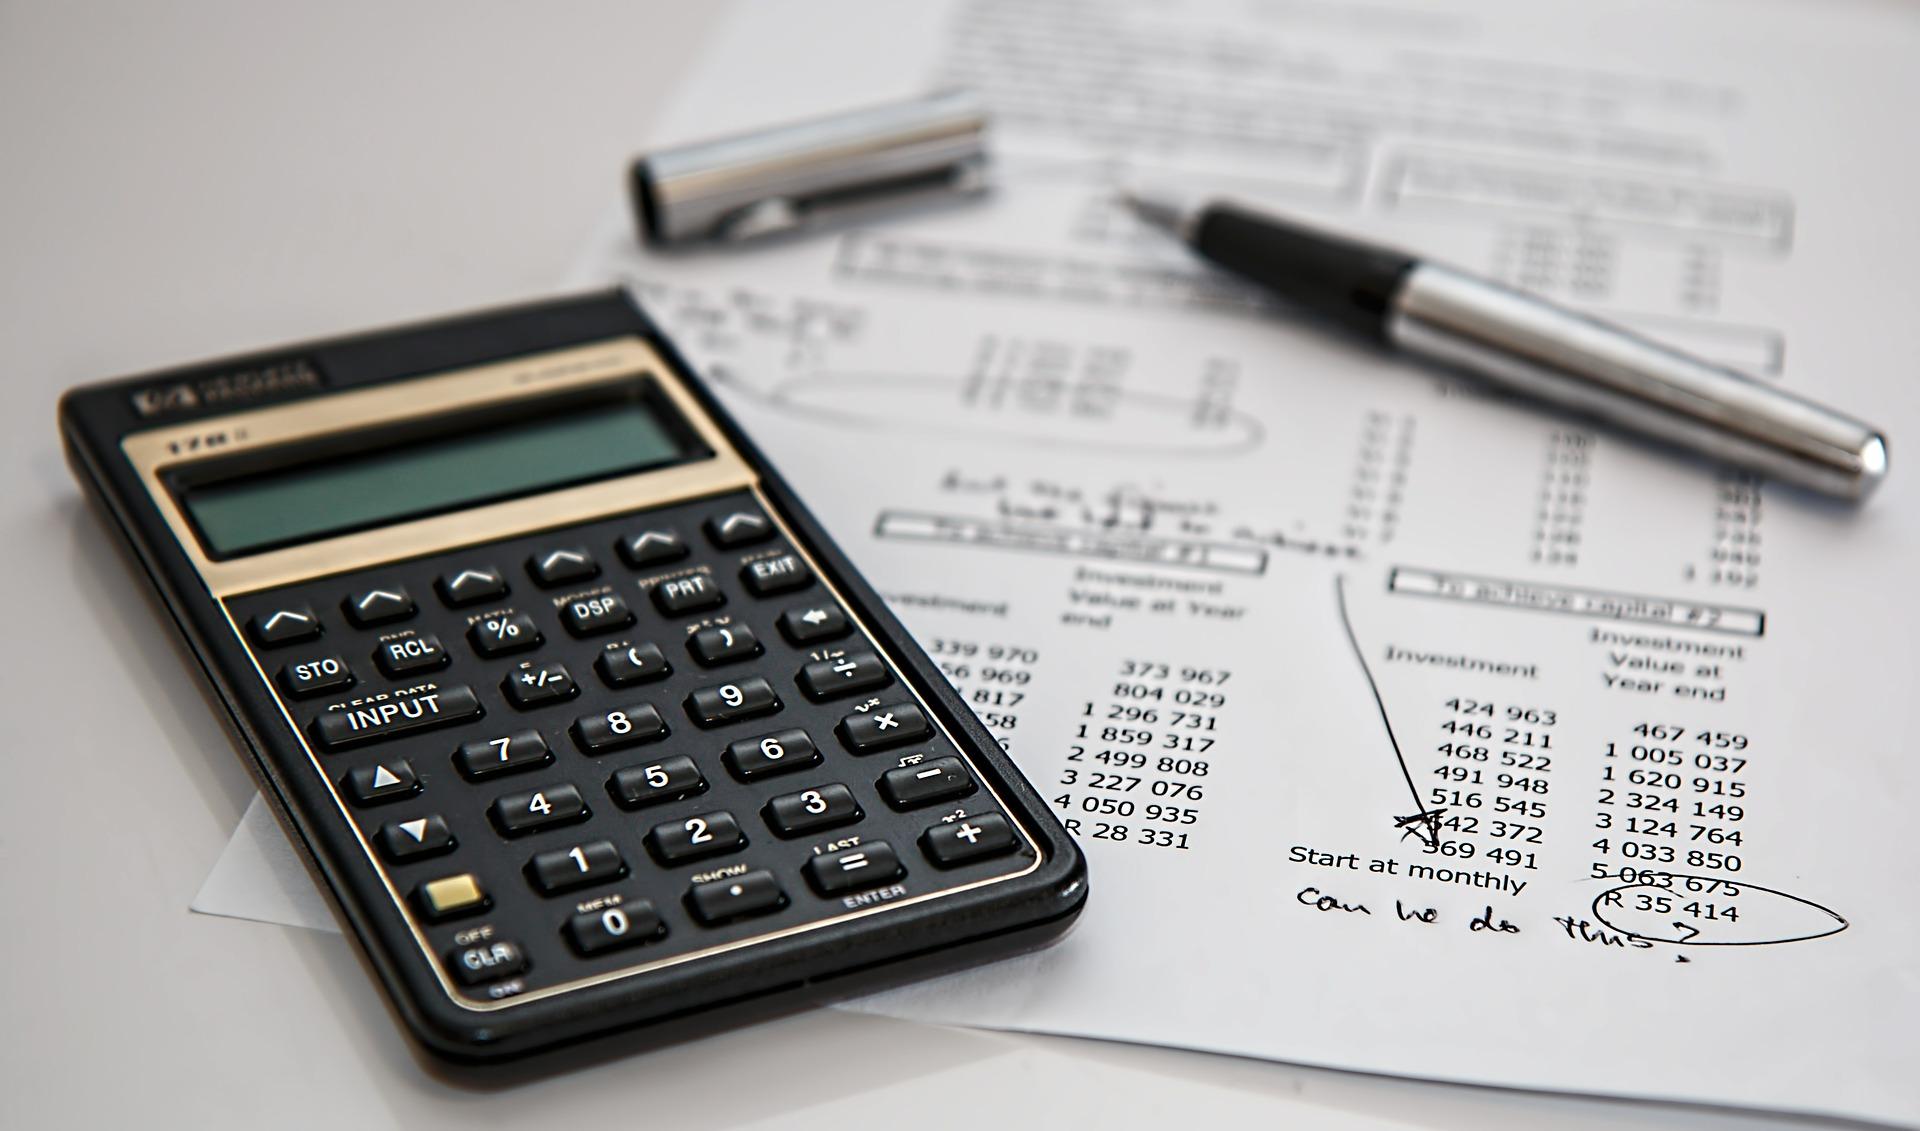 Operatore specializzato in contabilità aziendale